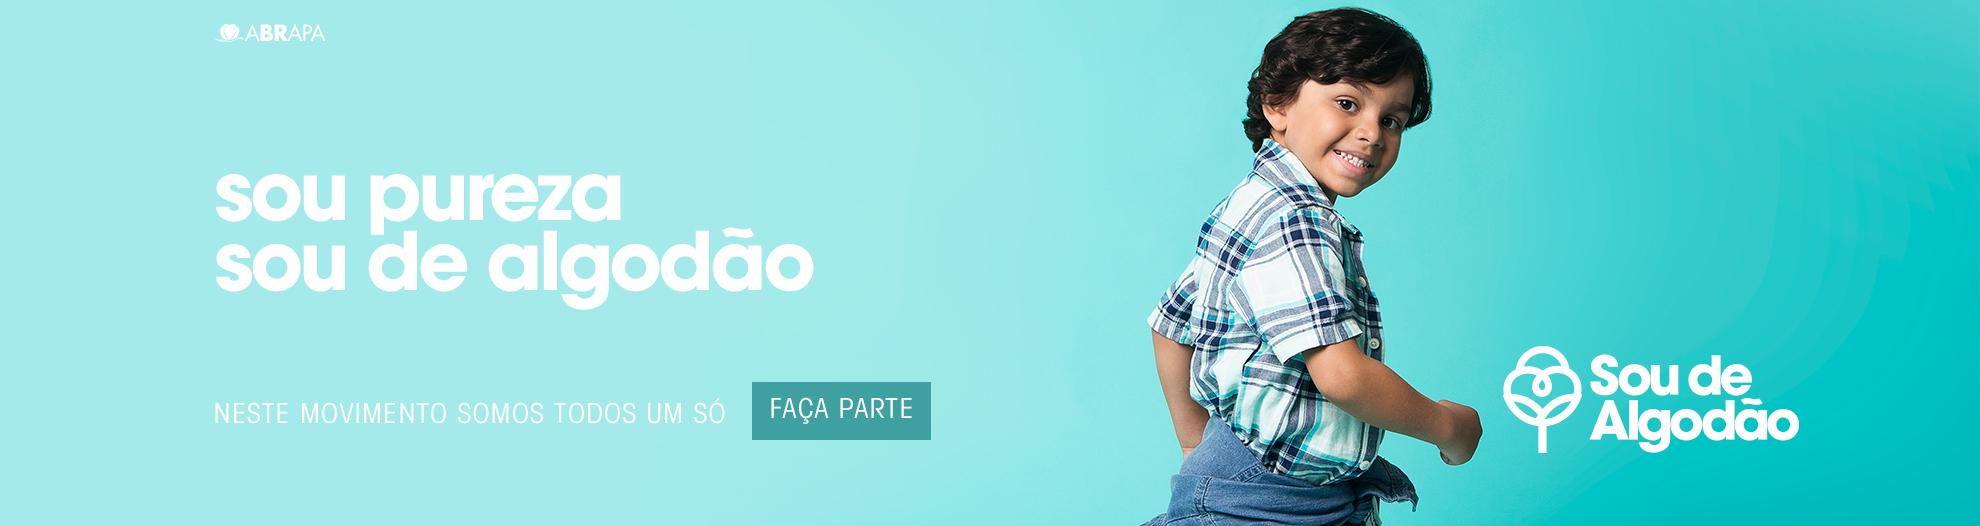 SDA138_Casa_do_Algodao_banners_site_1980x526px_02